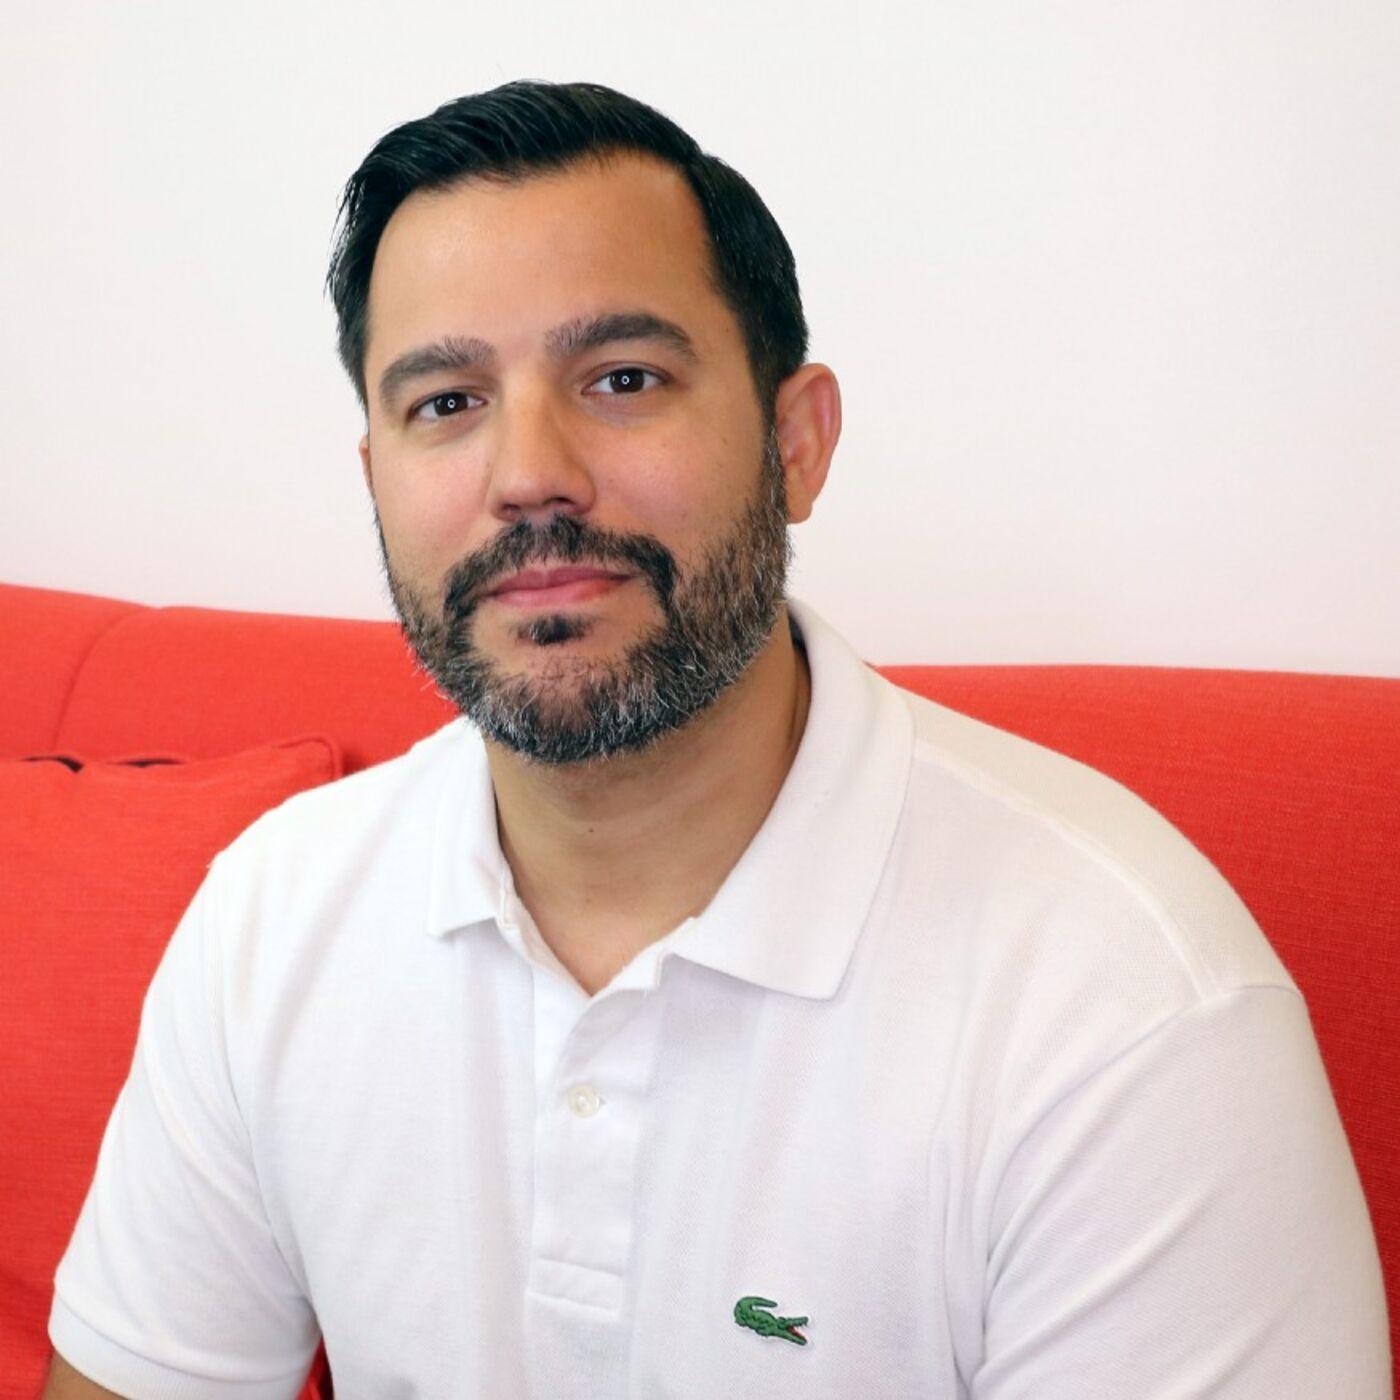 Anthony Denier of Webull Financial